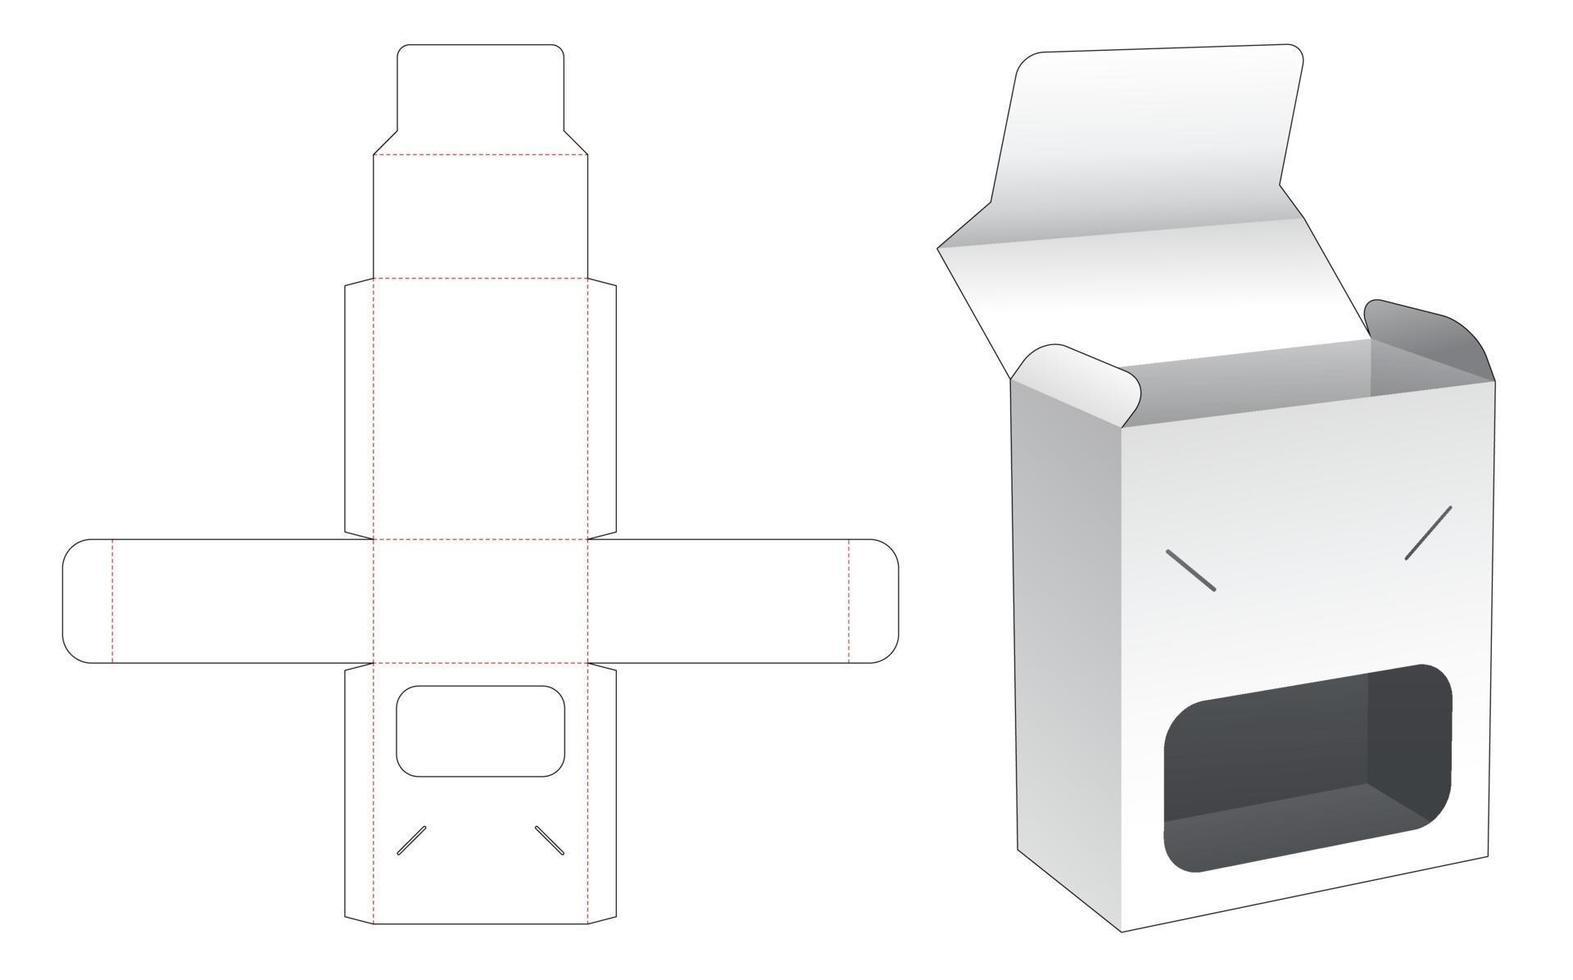 flip box en vergrendeld punt met venster gestanst sjabloon vector